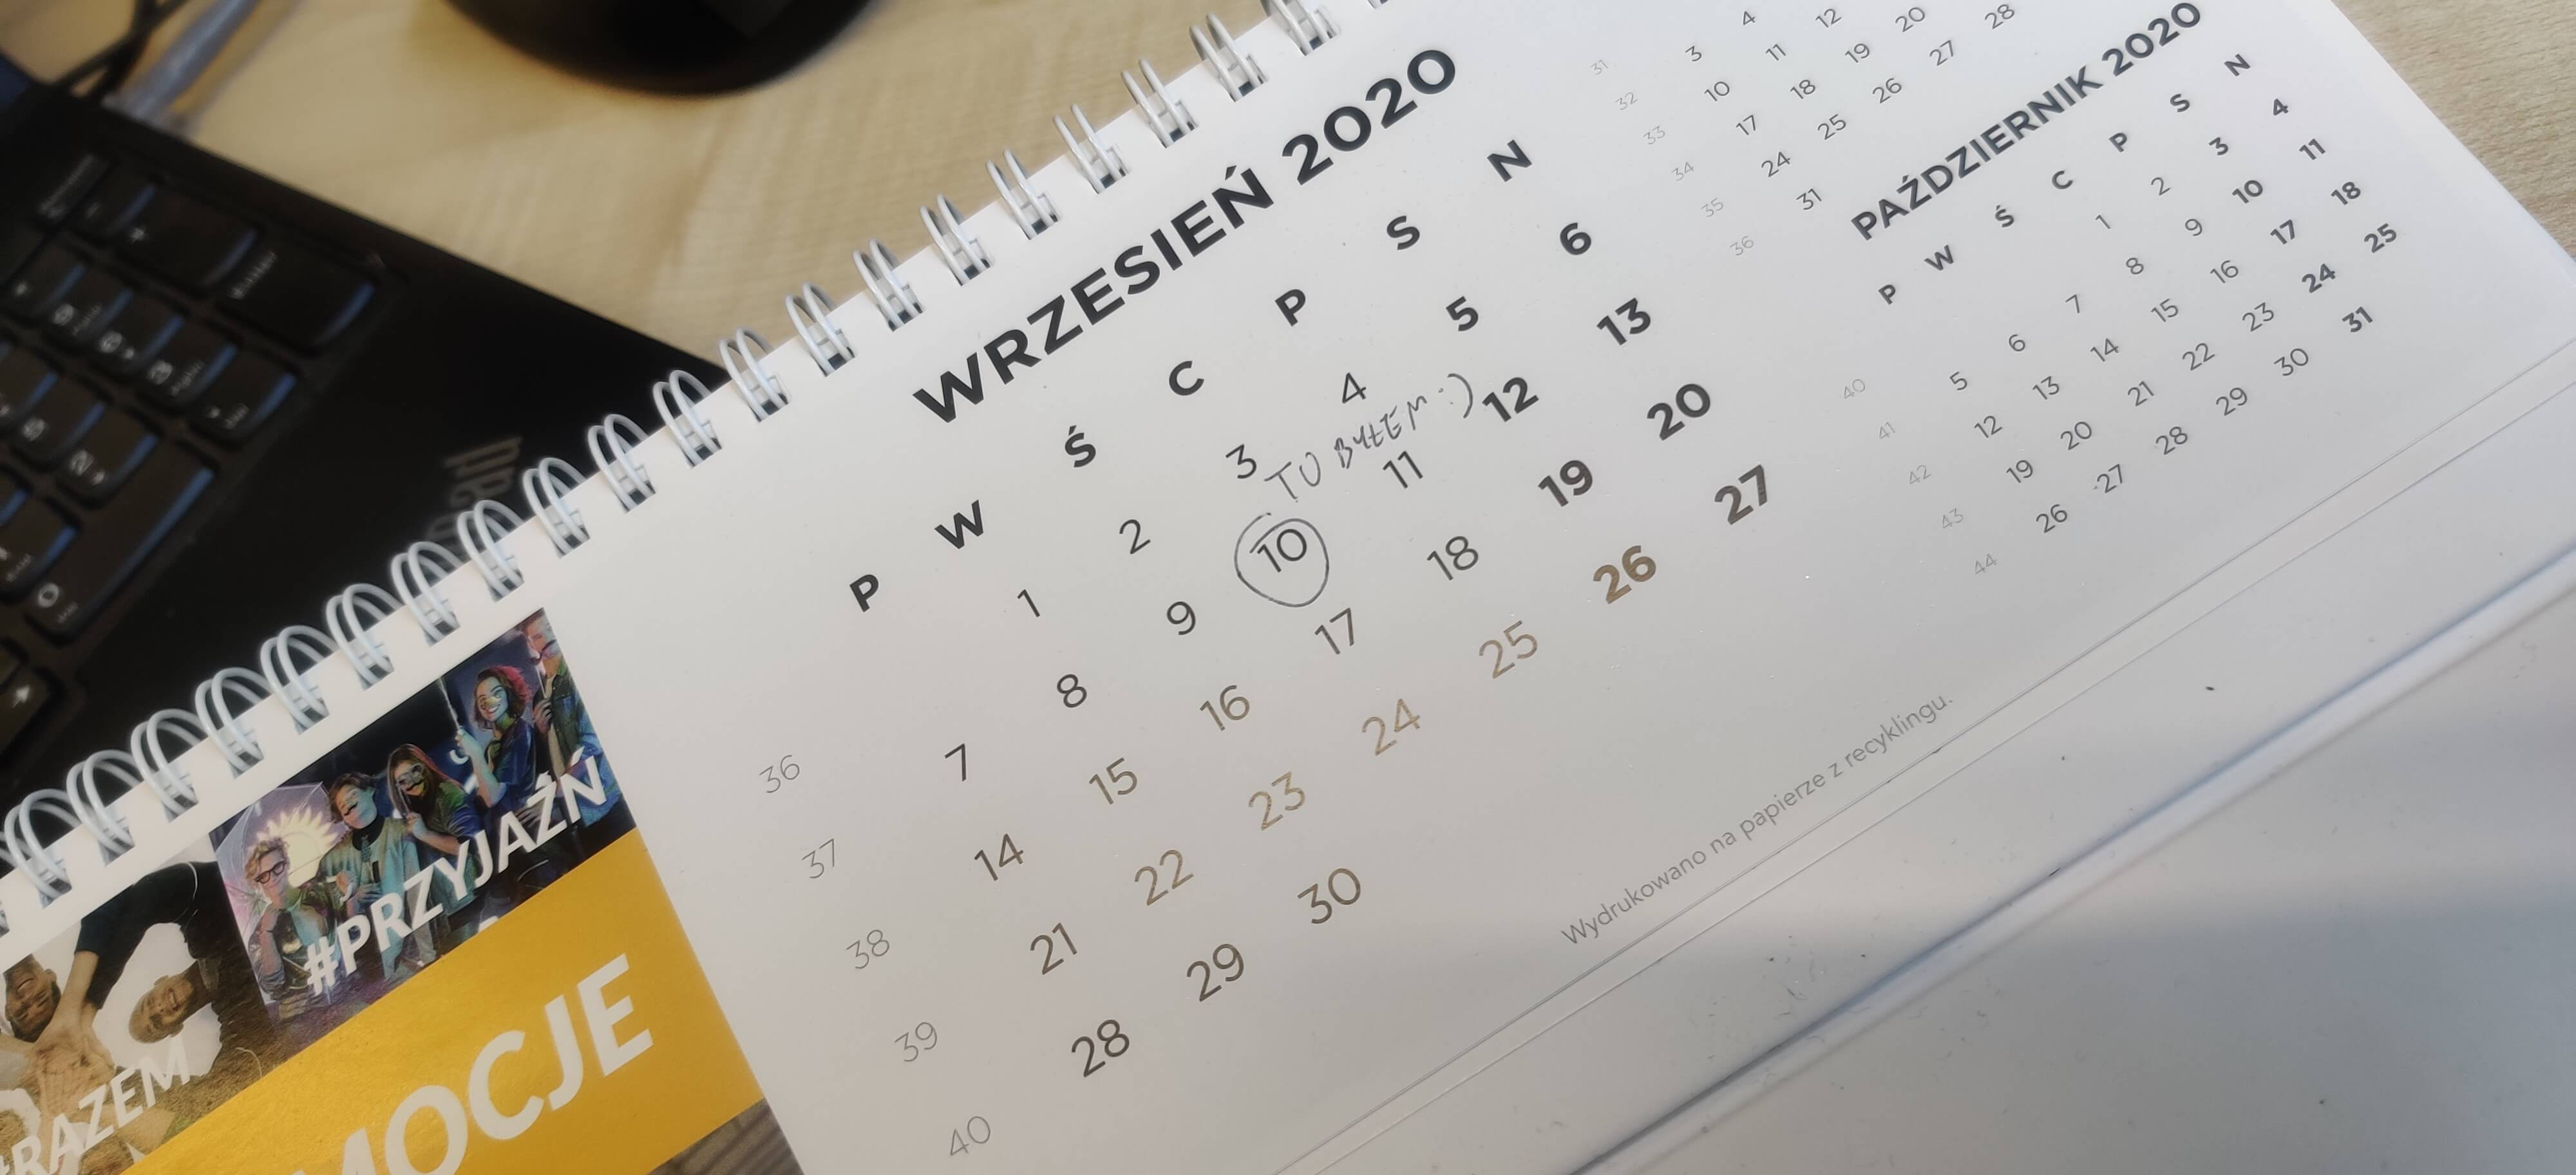 Calendar that stopped on 10th September 2020